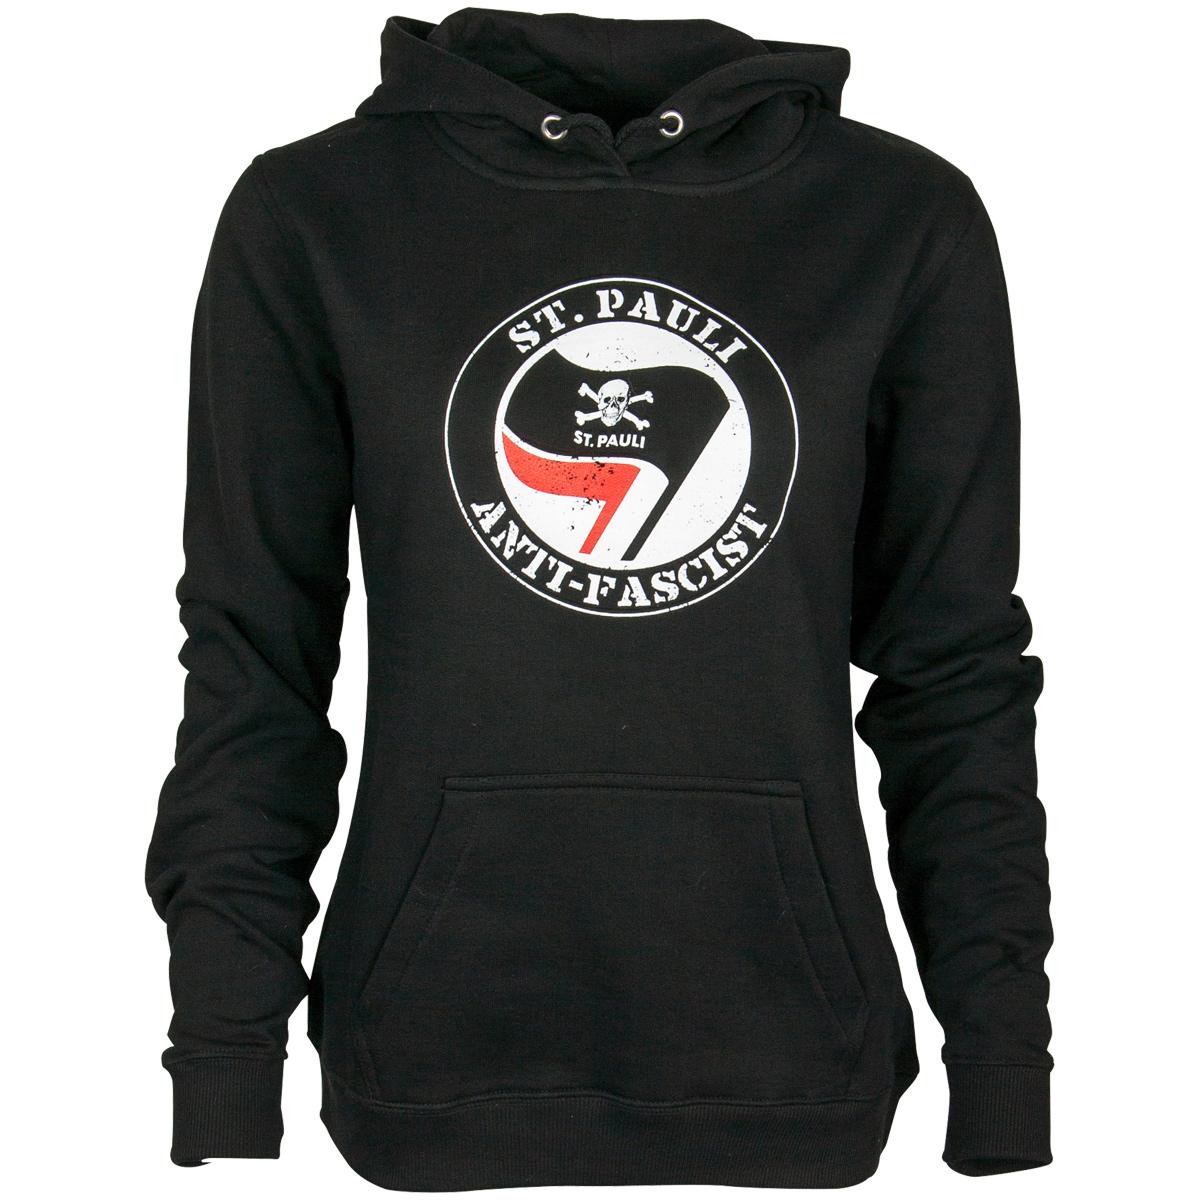 FC St. Pauli - Damen Kapuzenpullover Anti Fascist - schwarz